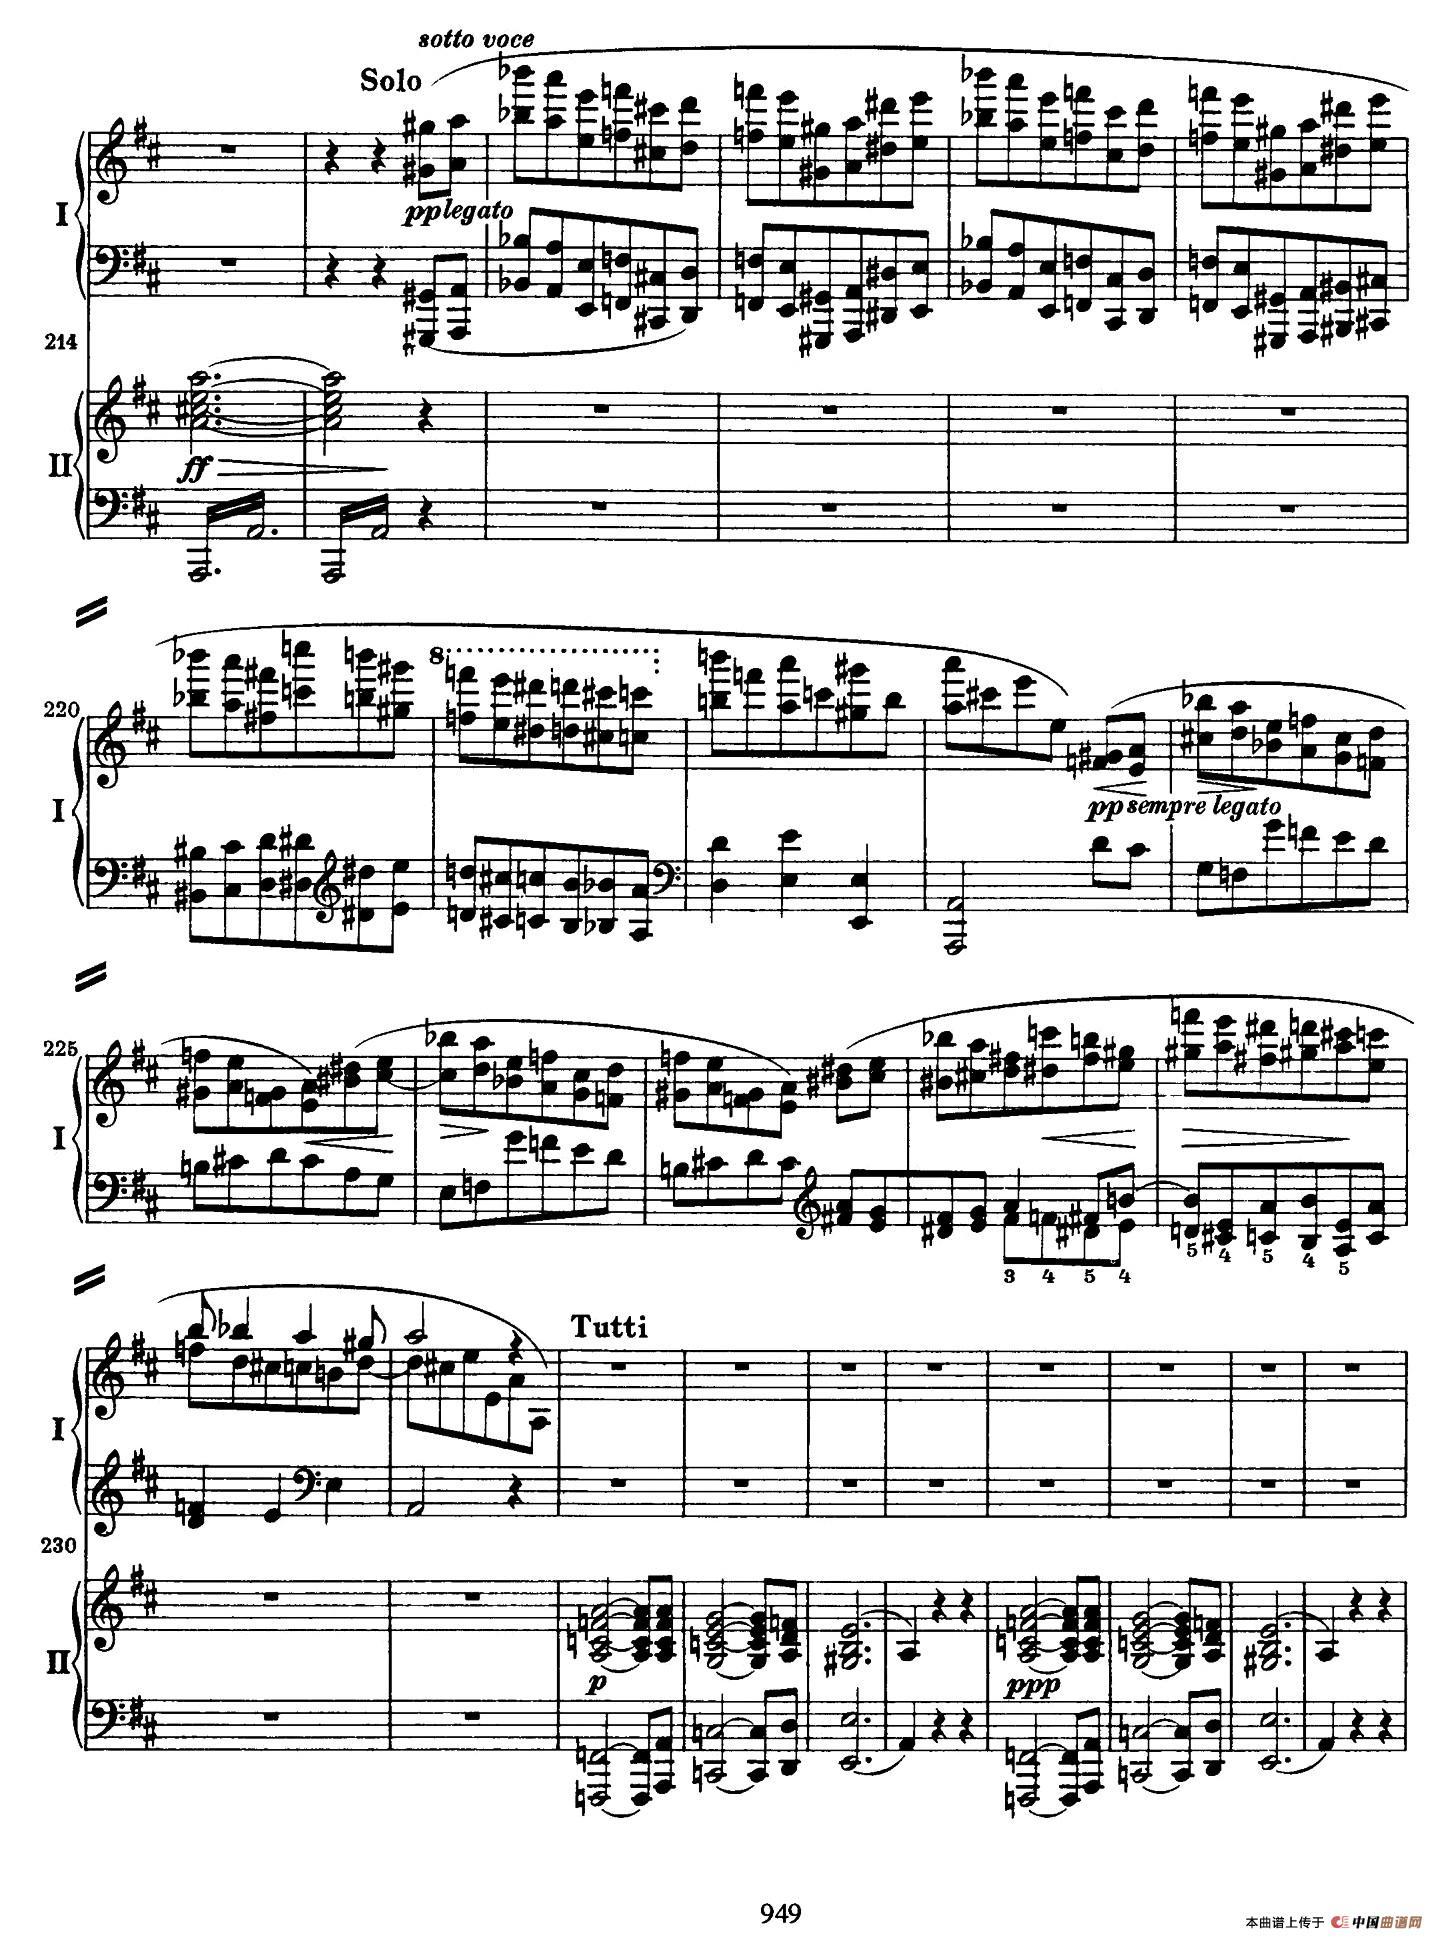 降B大调第二钢琴协奏曲(P51――60)(1)_原文件名:051.jpg